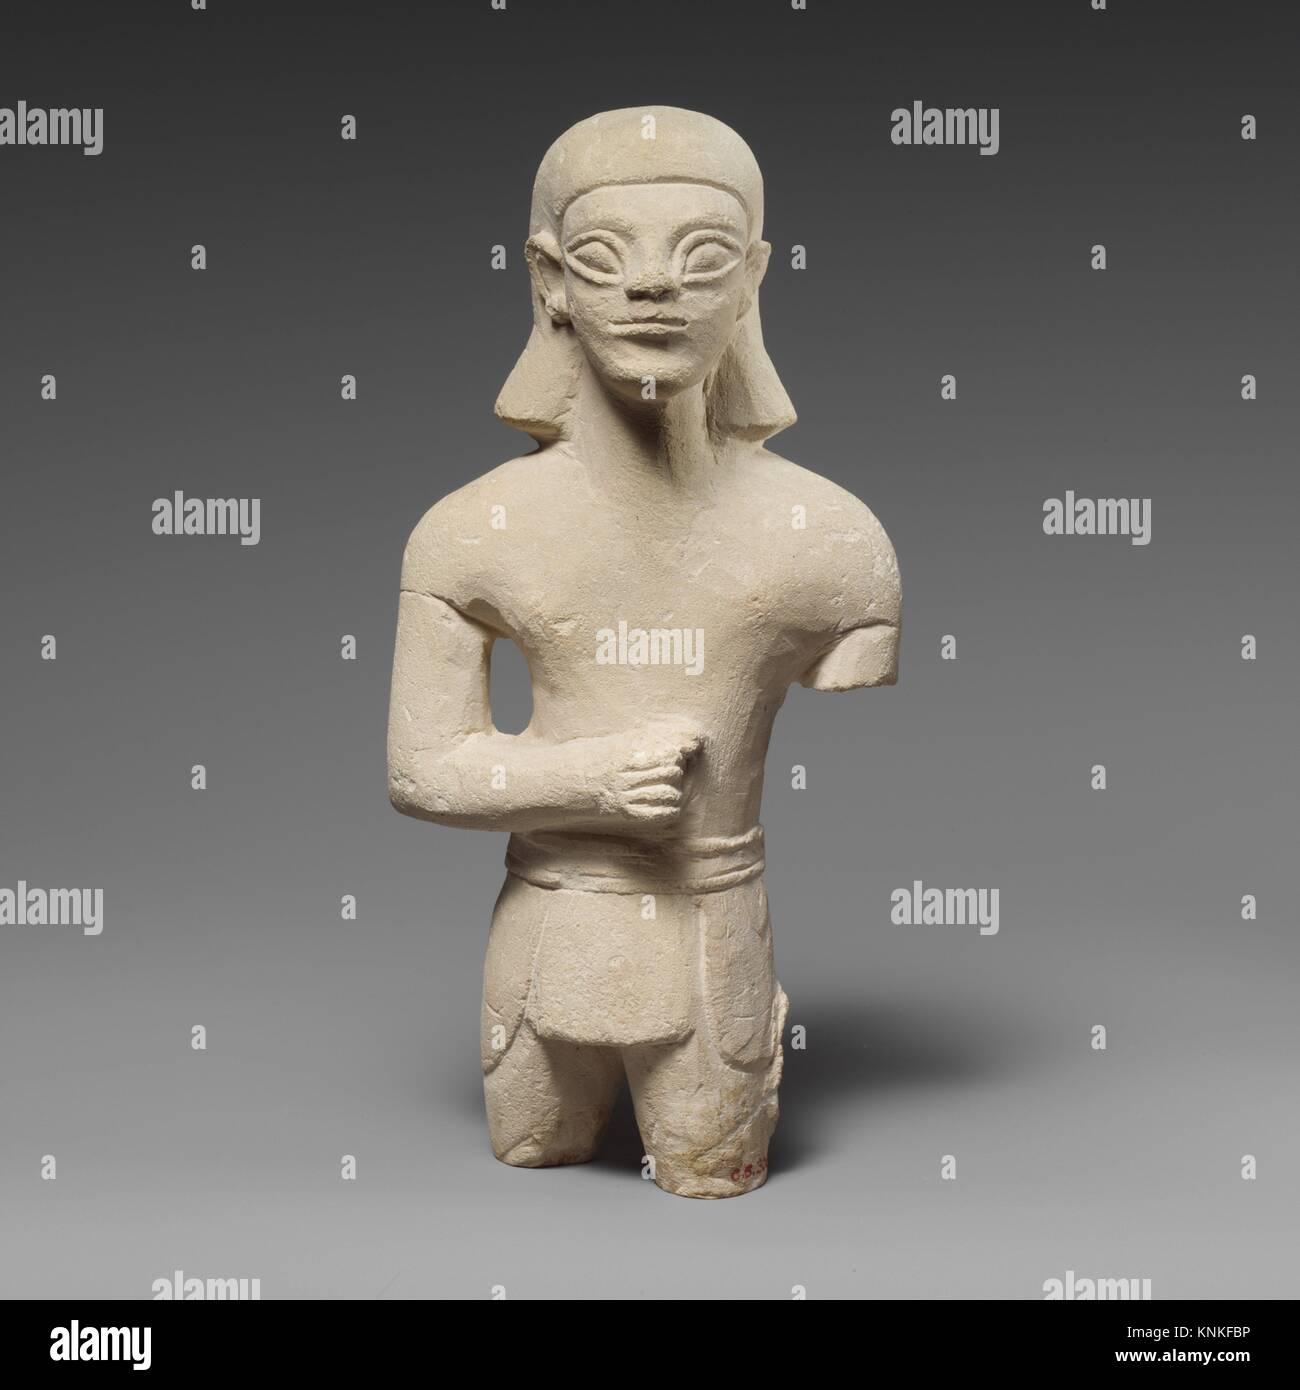 Statuette en pierre calcaire d'un homme imberbe votary dans Egyptianizing robe. Période: archaïque; Date: première moitié ou au milieu du 6ème siècle avant J.C, Culture: Banque D'Images